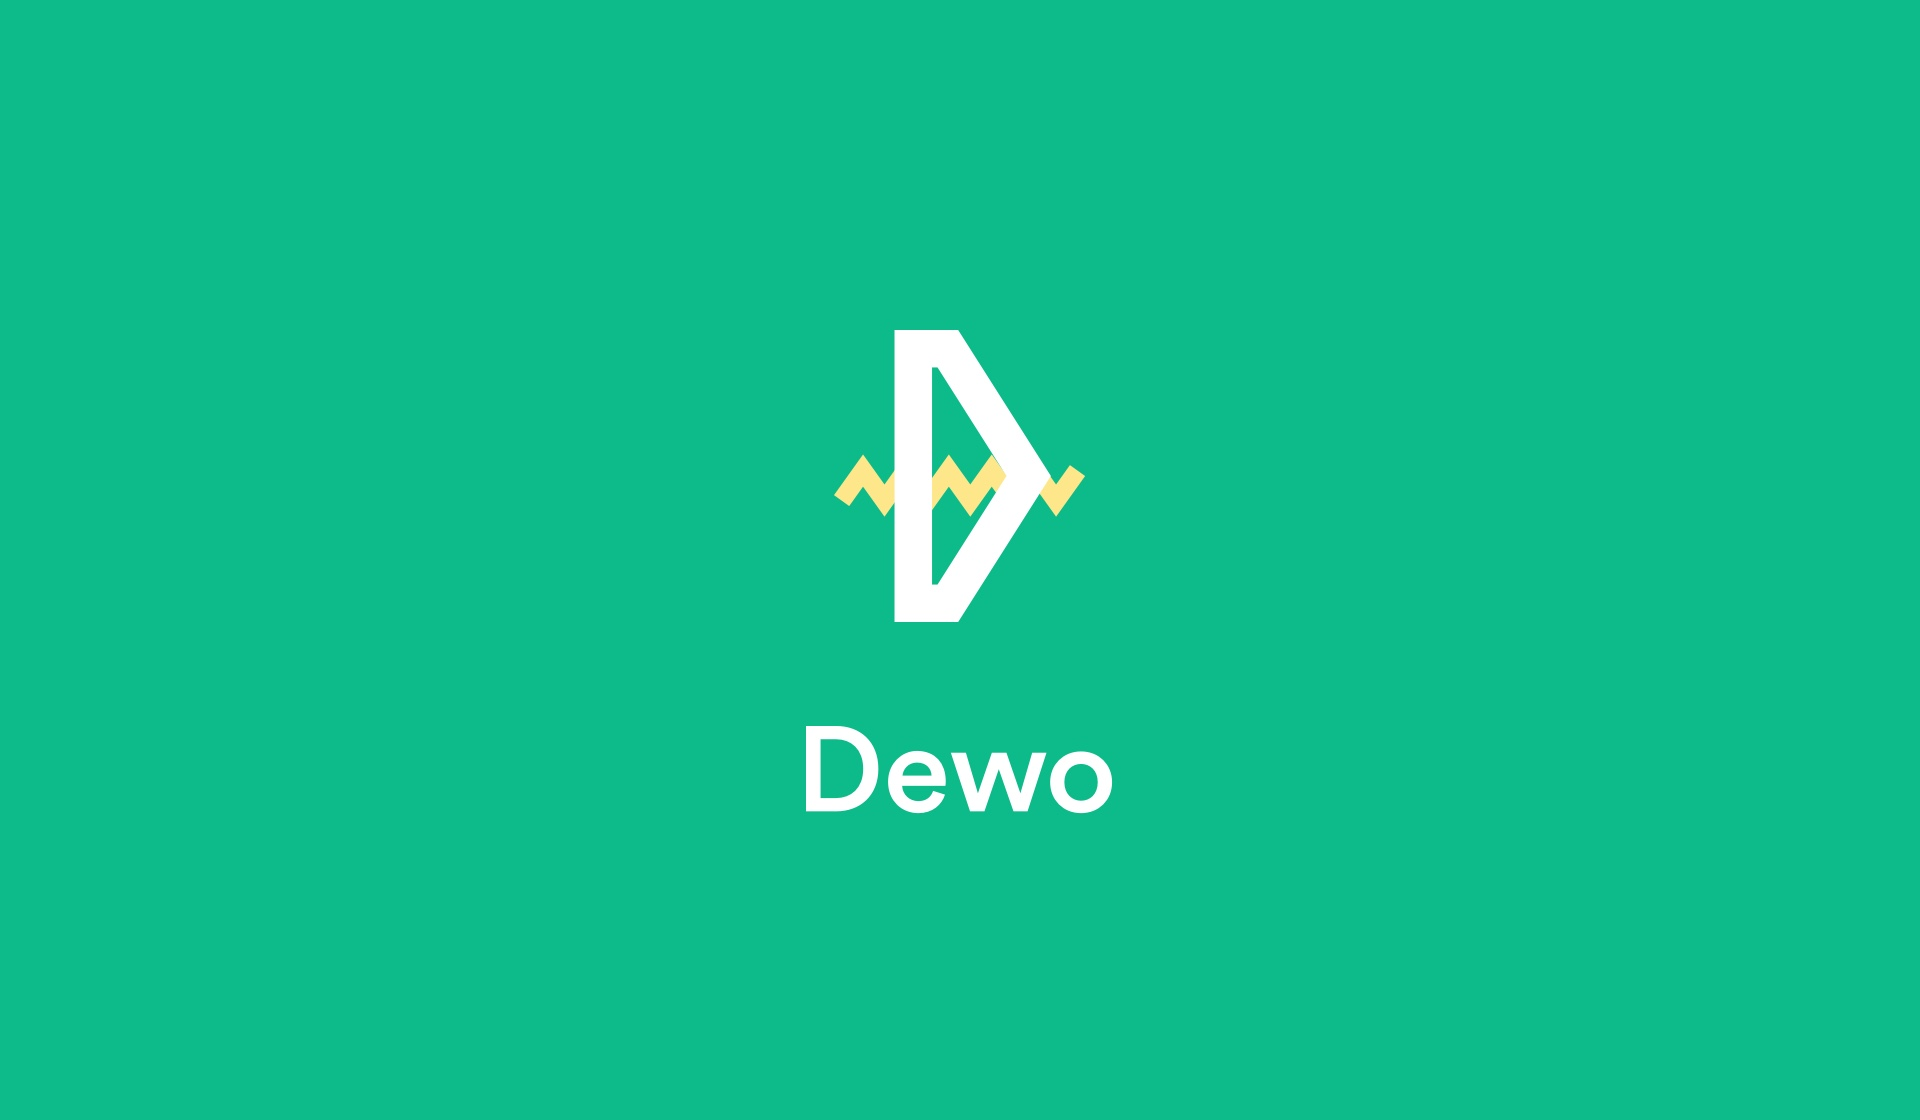 dewo-update